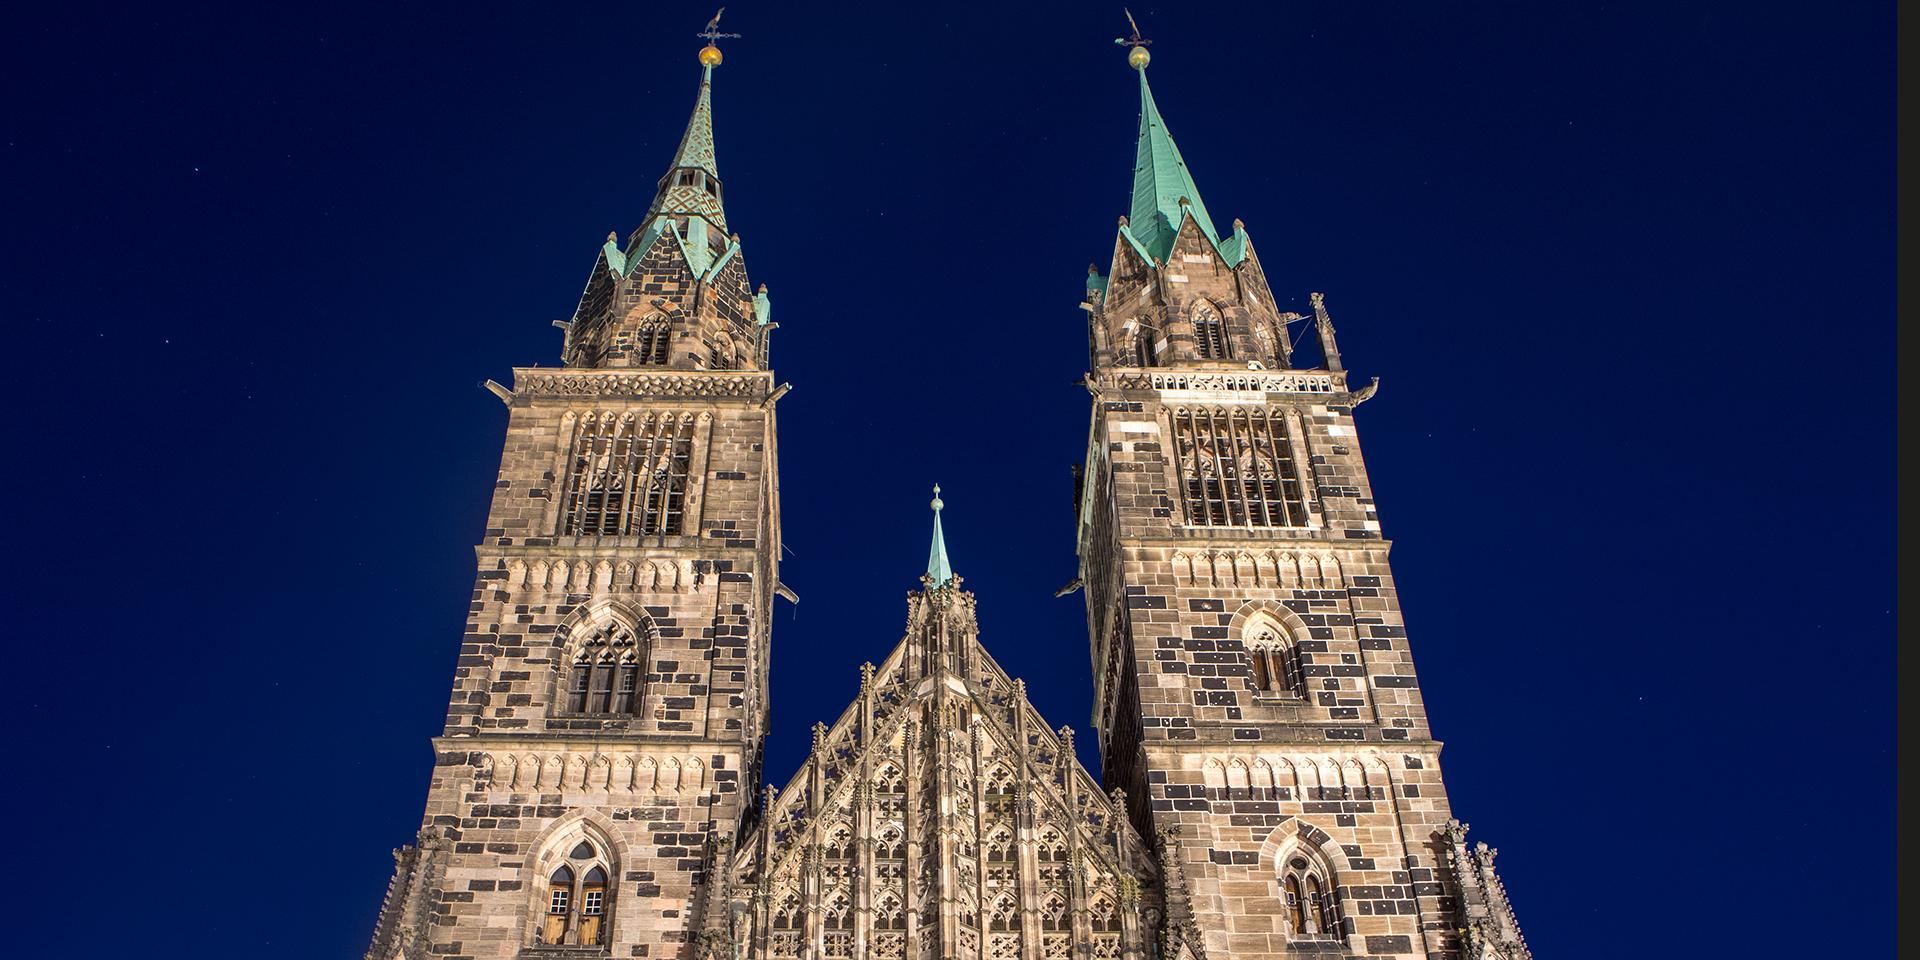 Kirche warnt vor angeblichem 'Gottesdienst'